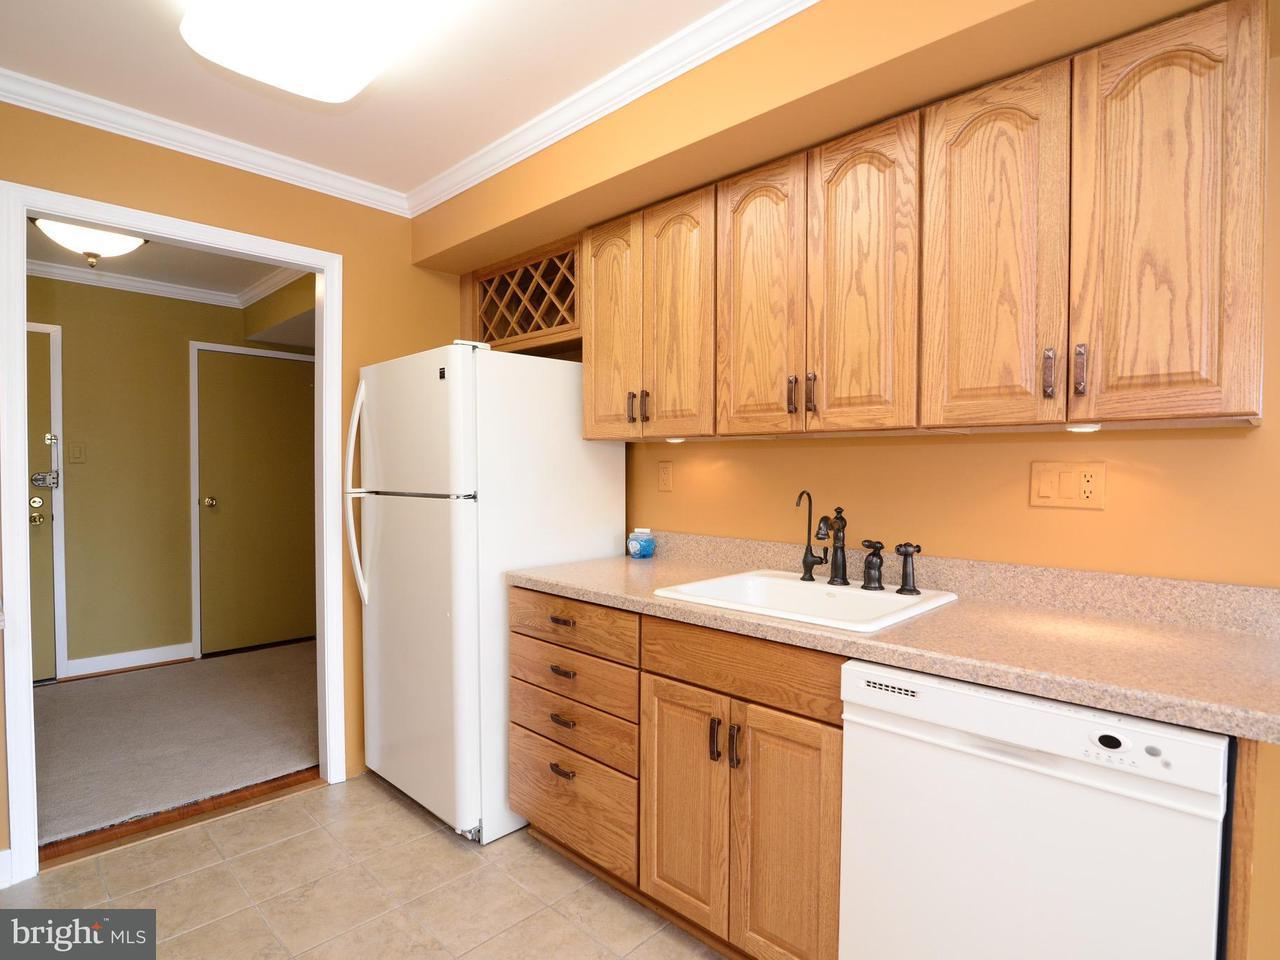 Condominium for Rent at 3031 Borge St #204 Oakton, Virginia 22124 United States